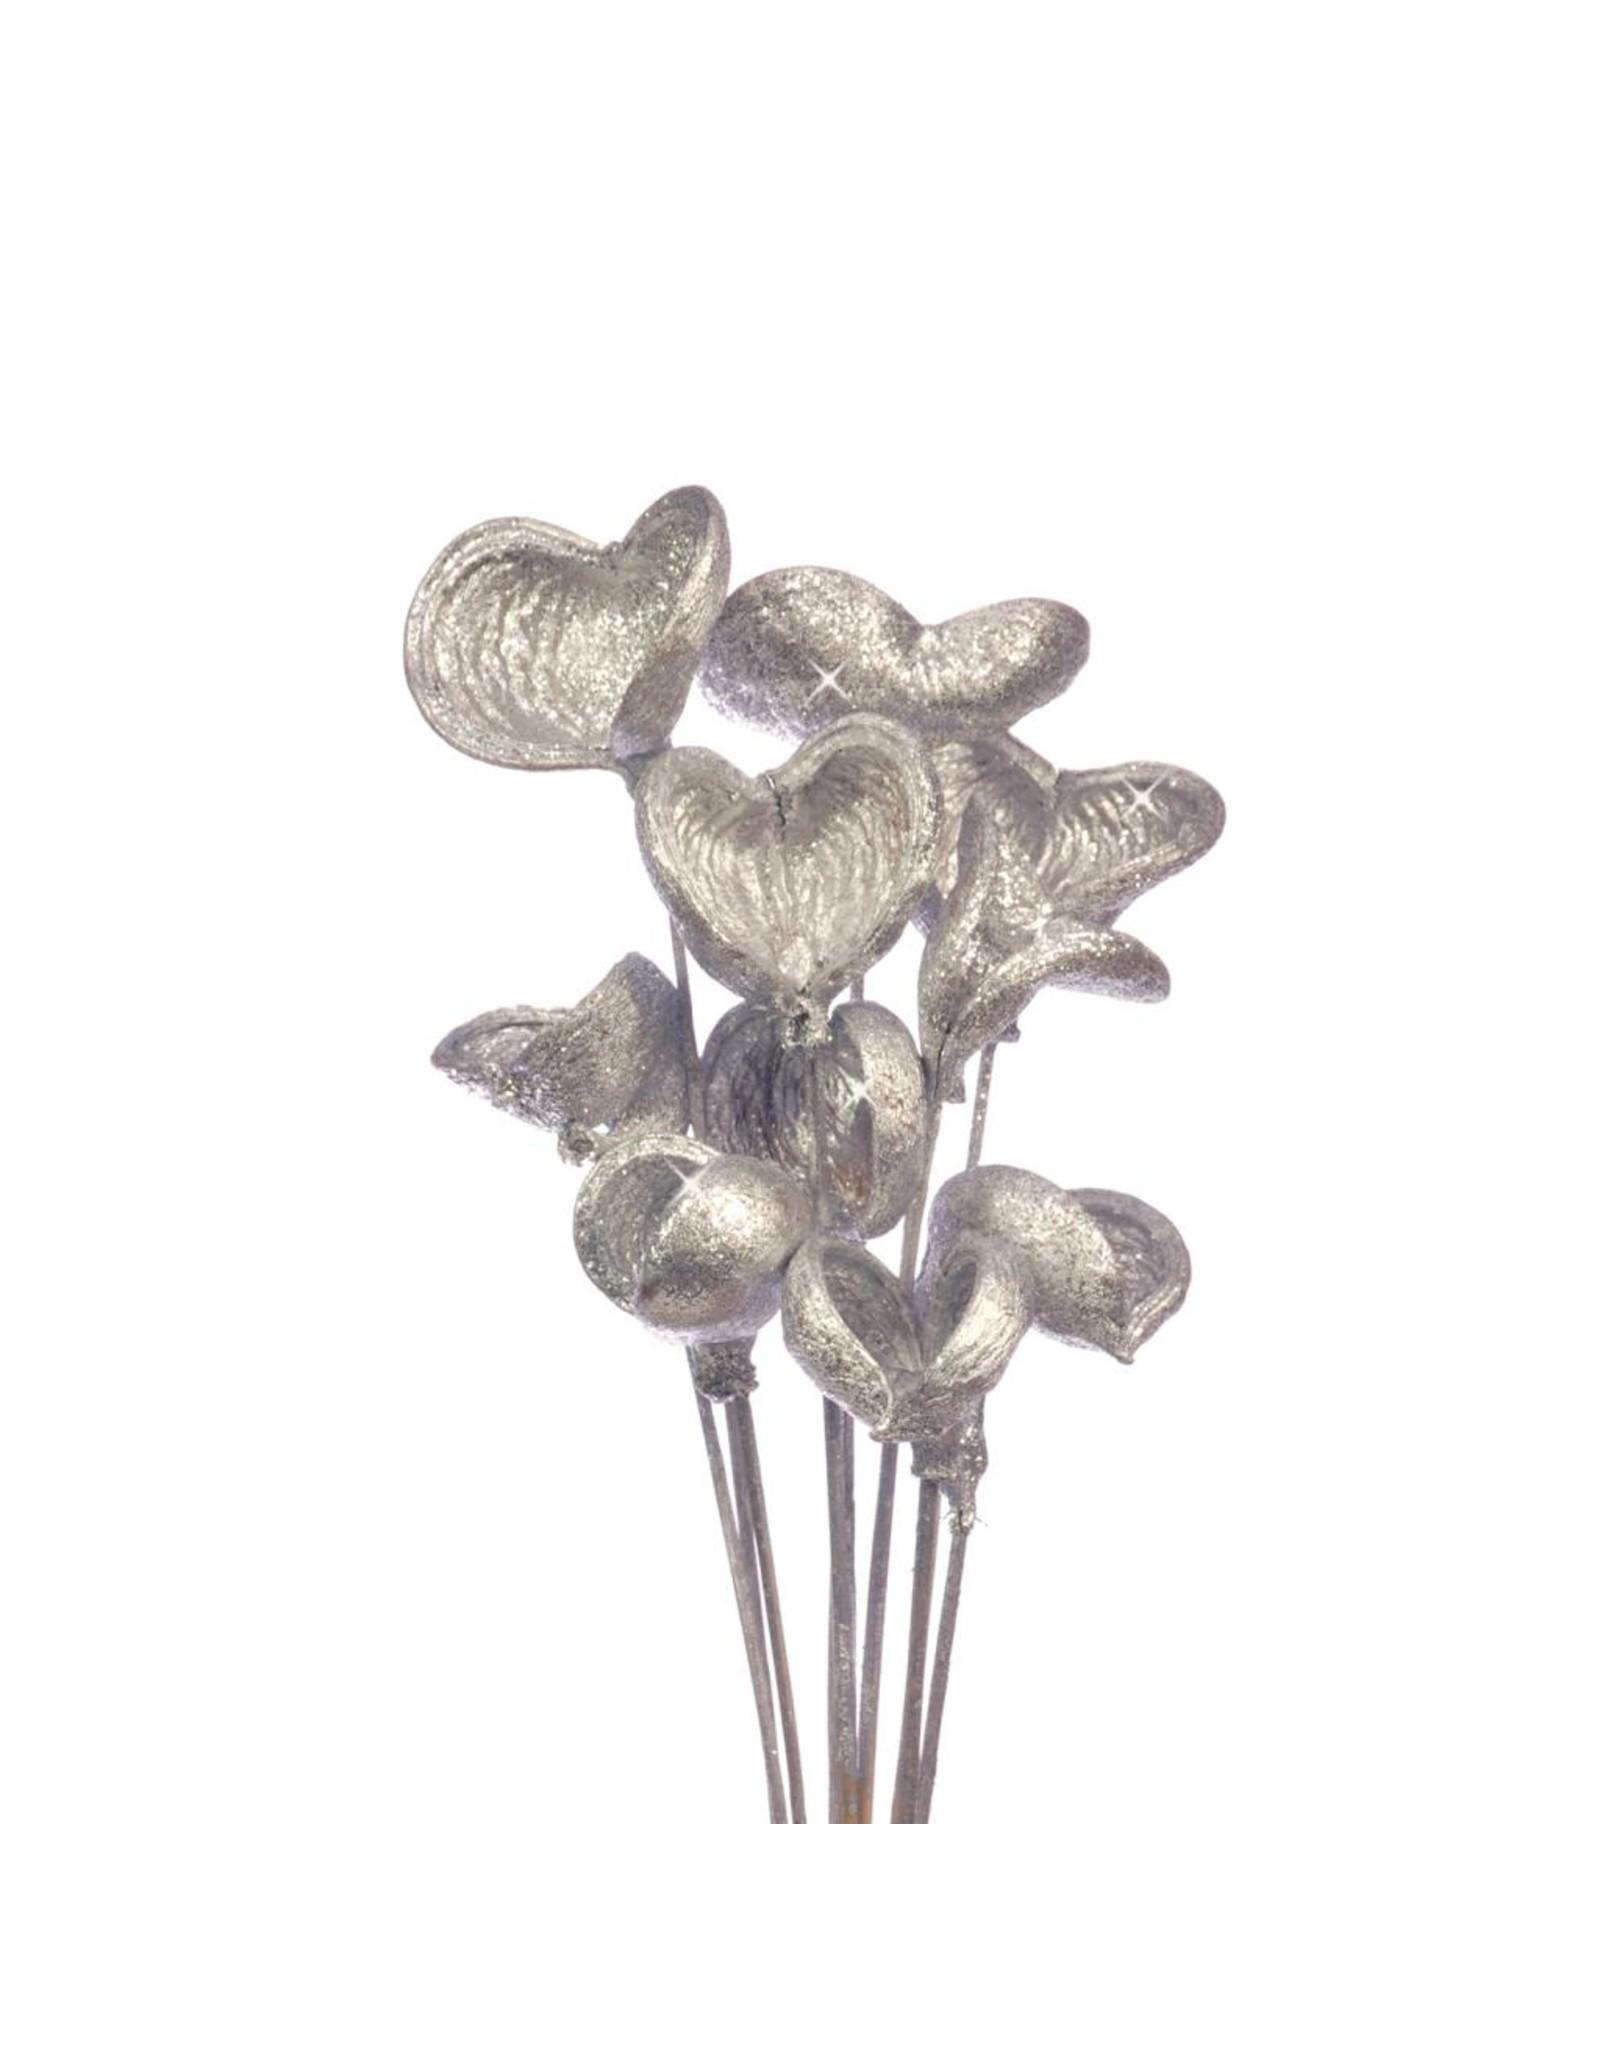 Badam o/s 10pc silver silver glitter x 15